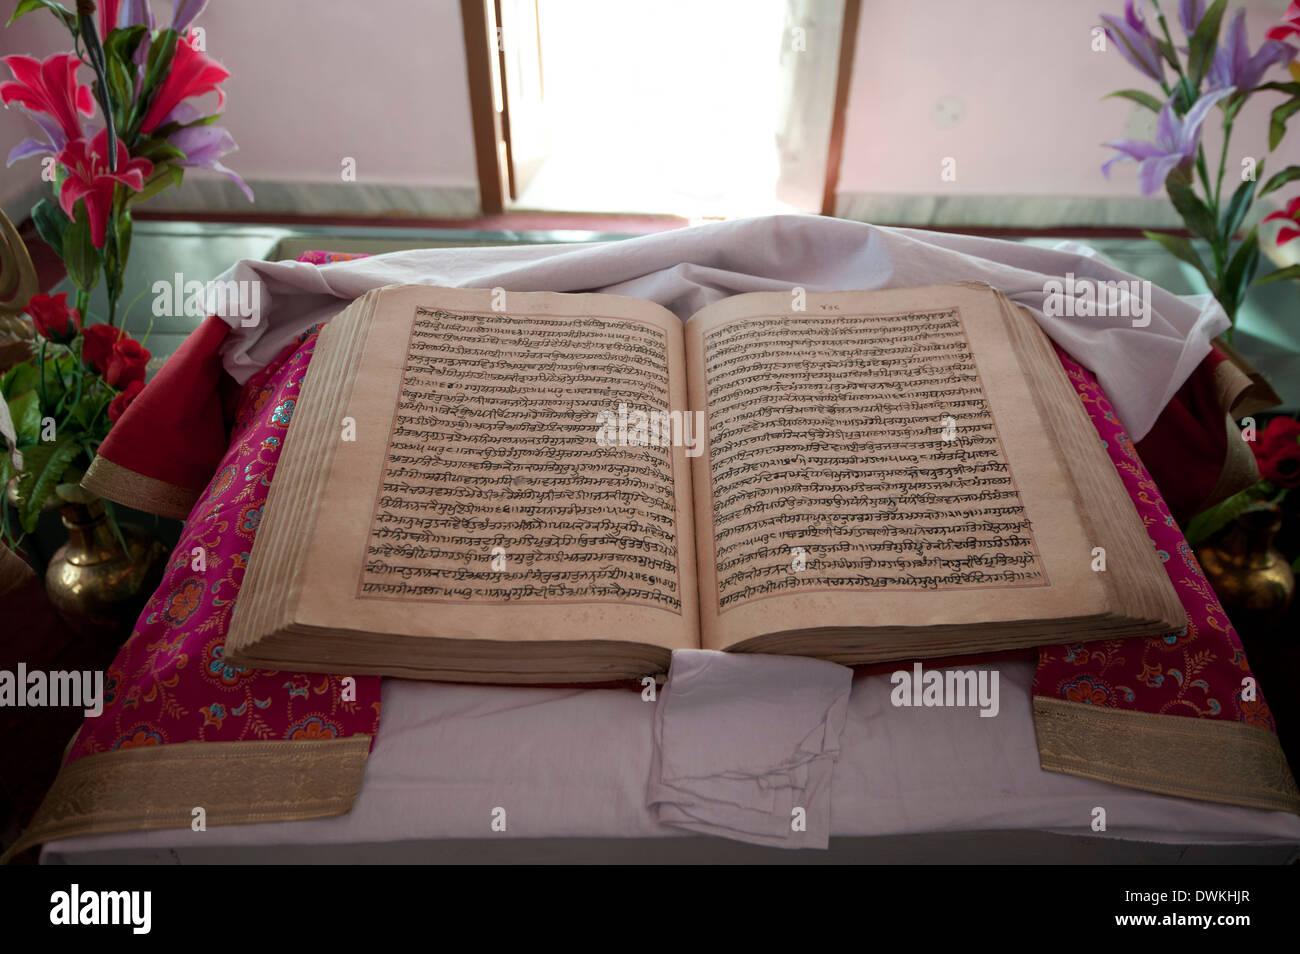 The Guru Granth Sahib, the Sikh holy book, Gurudwara Sri Guru Tegh Bahadur Sahib Sikh temple, Dhubri, Assam, India - Stock Image